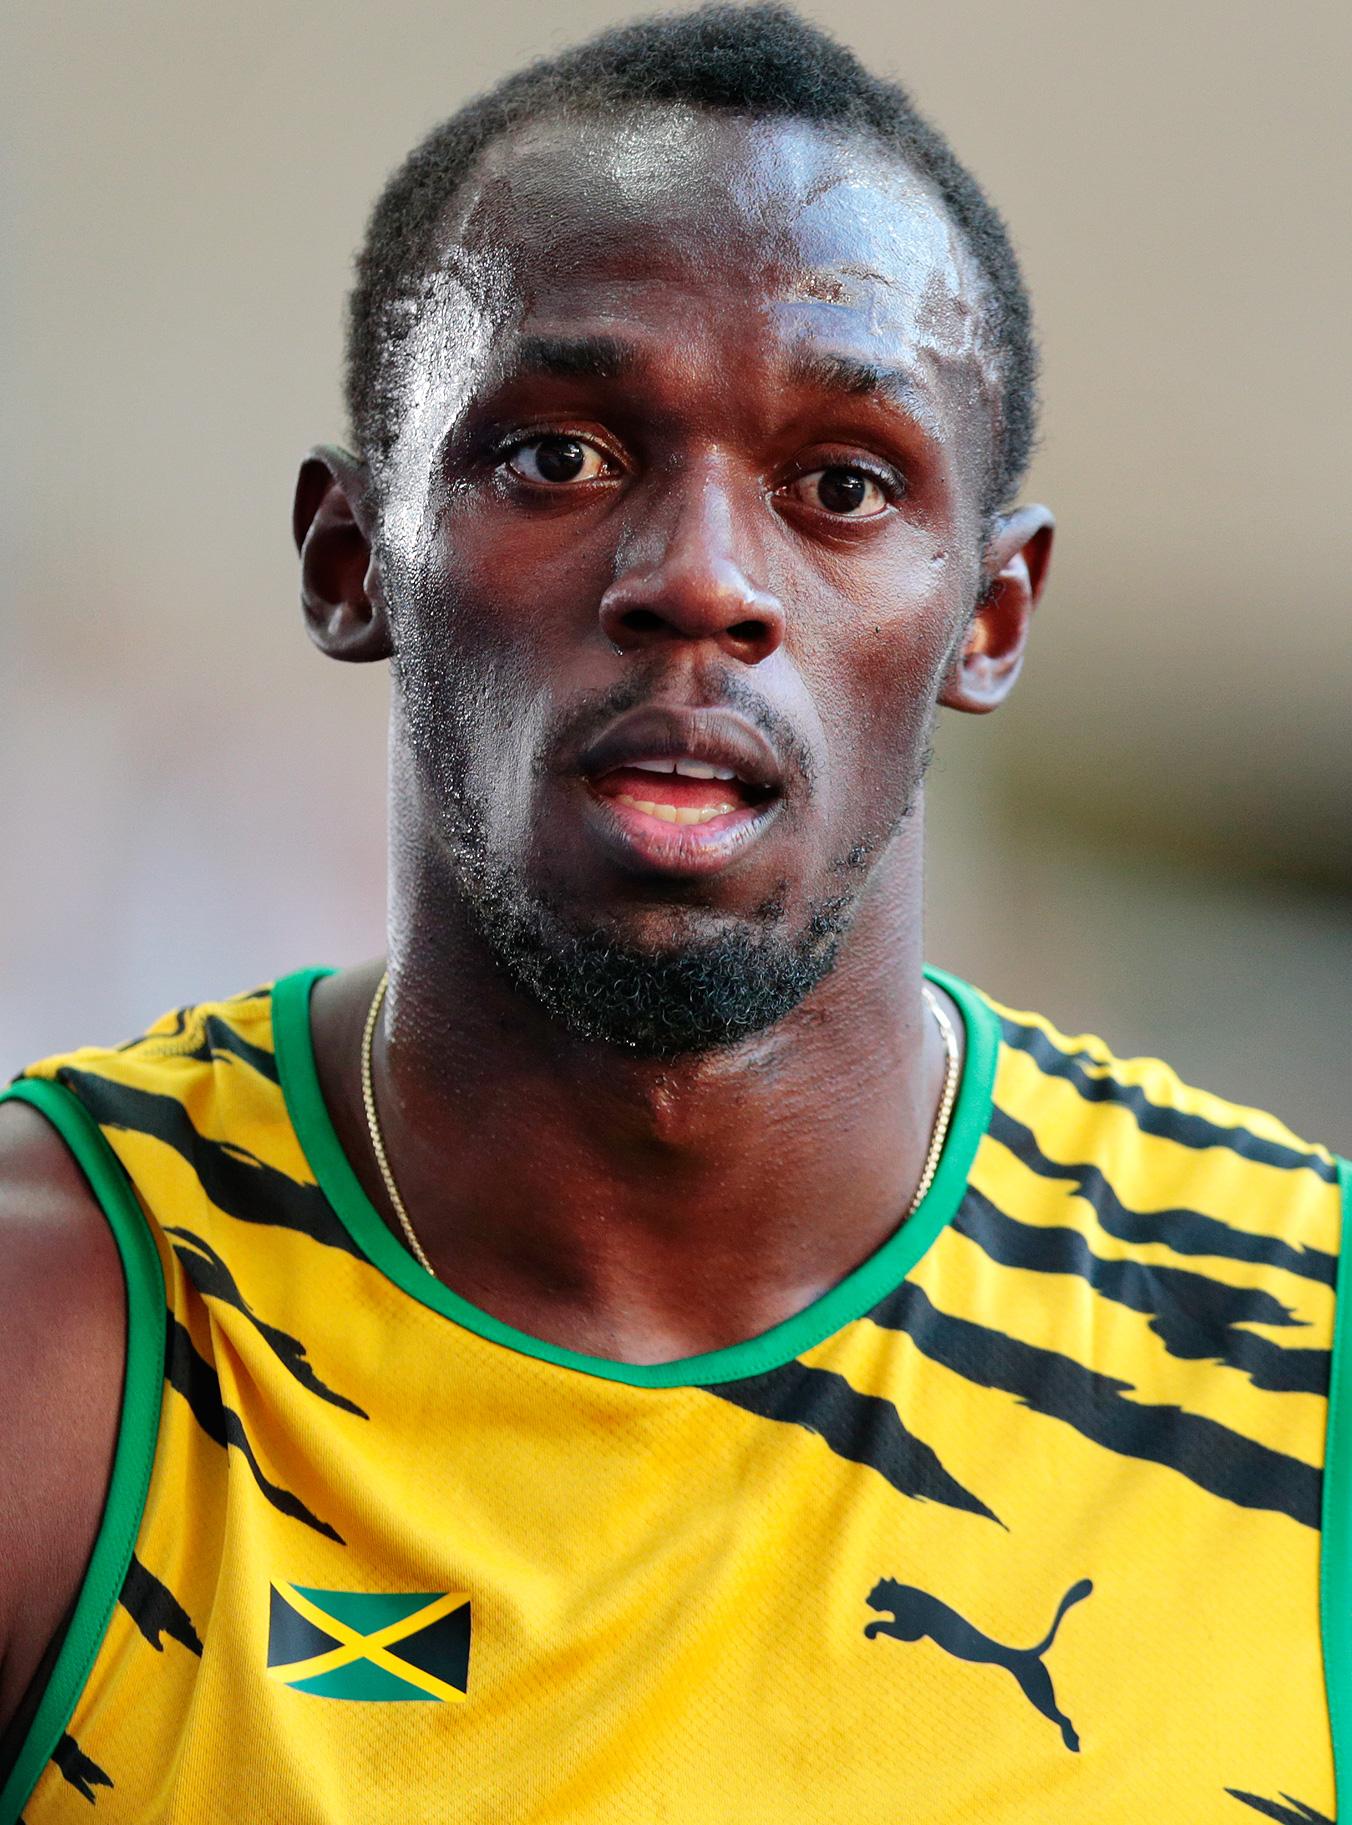 Usain Bolt Je Suis Totalement Admiratif De Ce Coureur